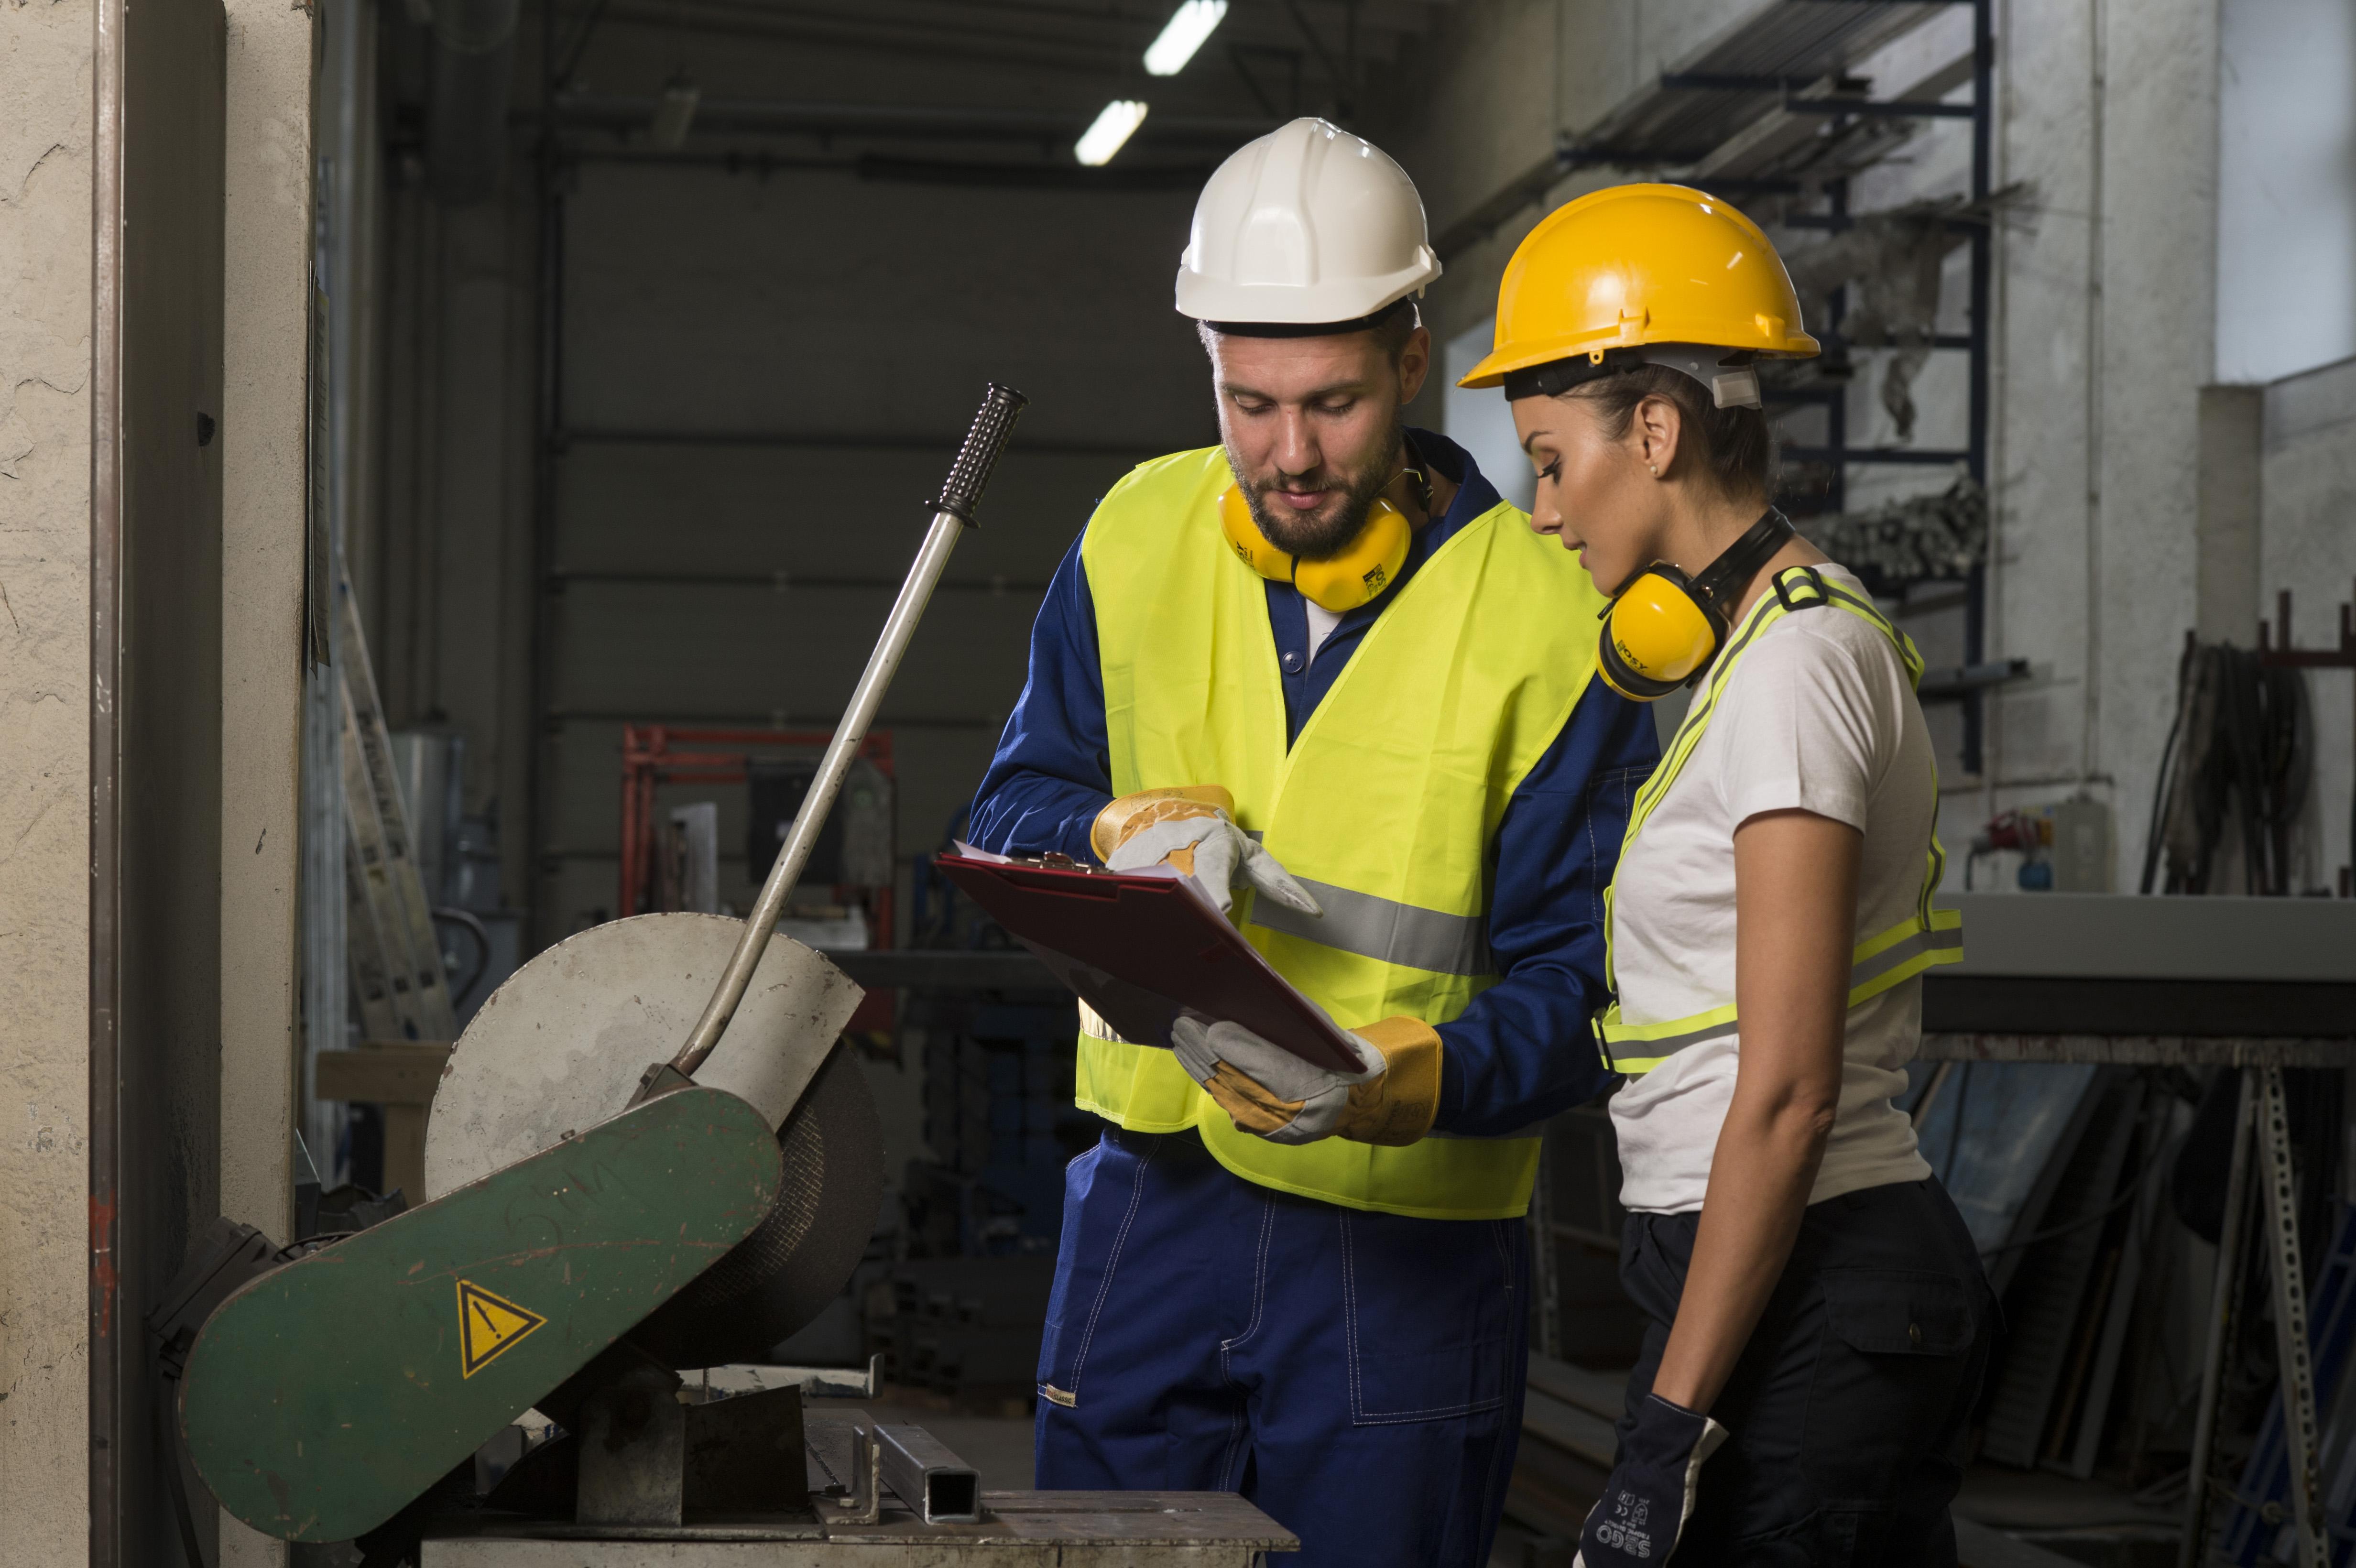 Szkolenie wstępne bhp pracowników na stanowiskach robotniczych